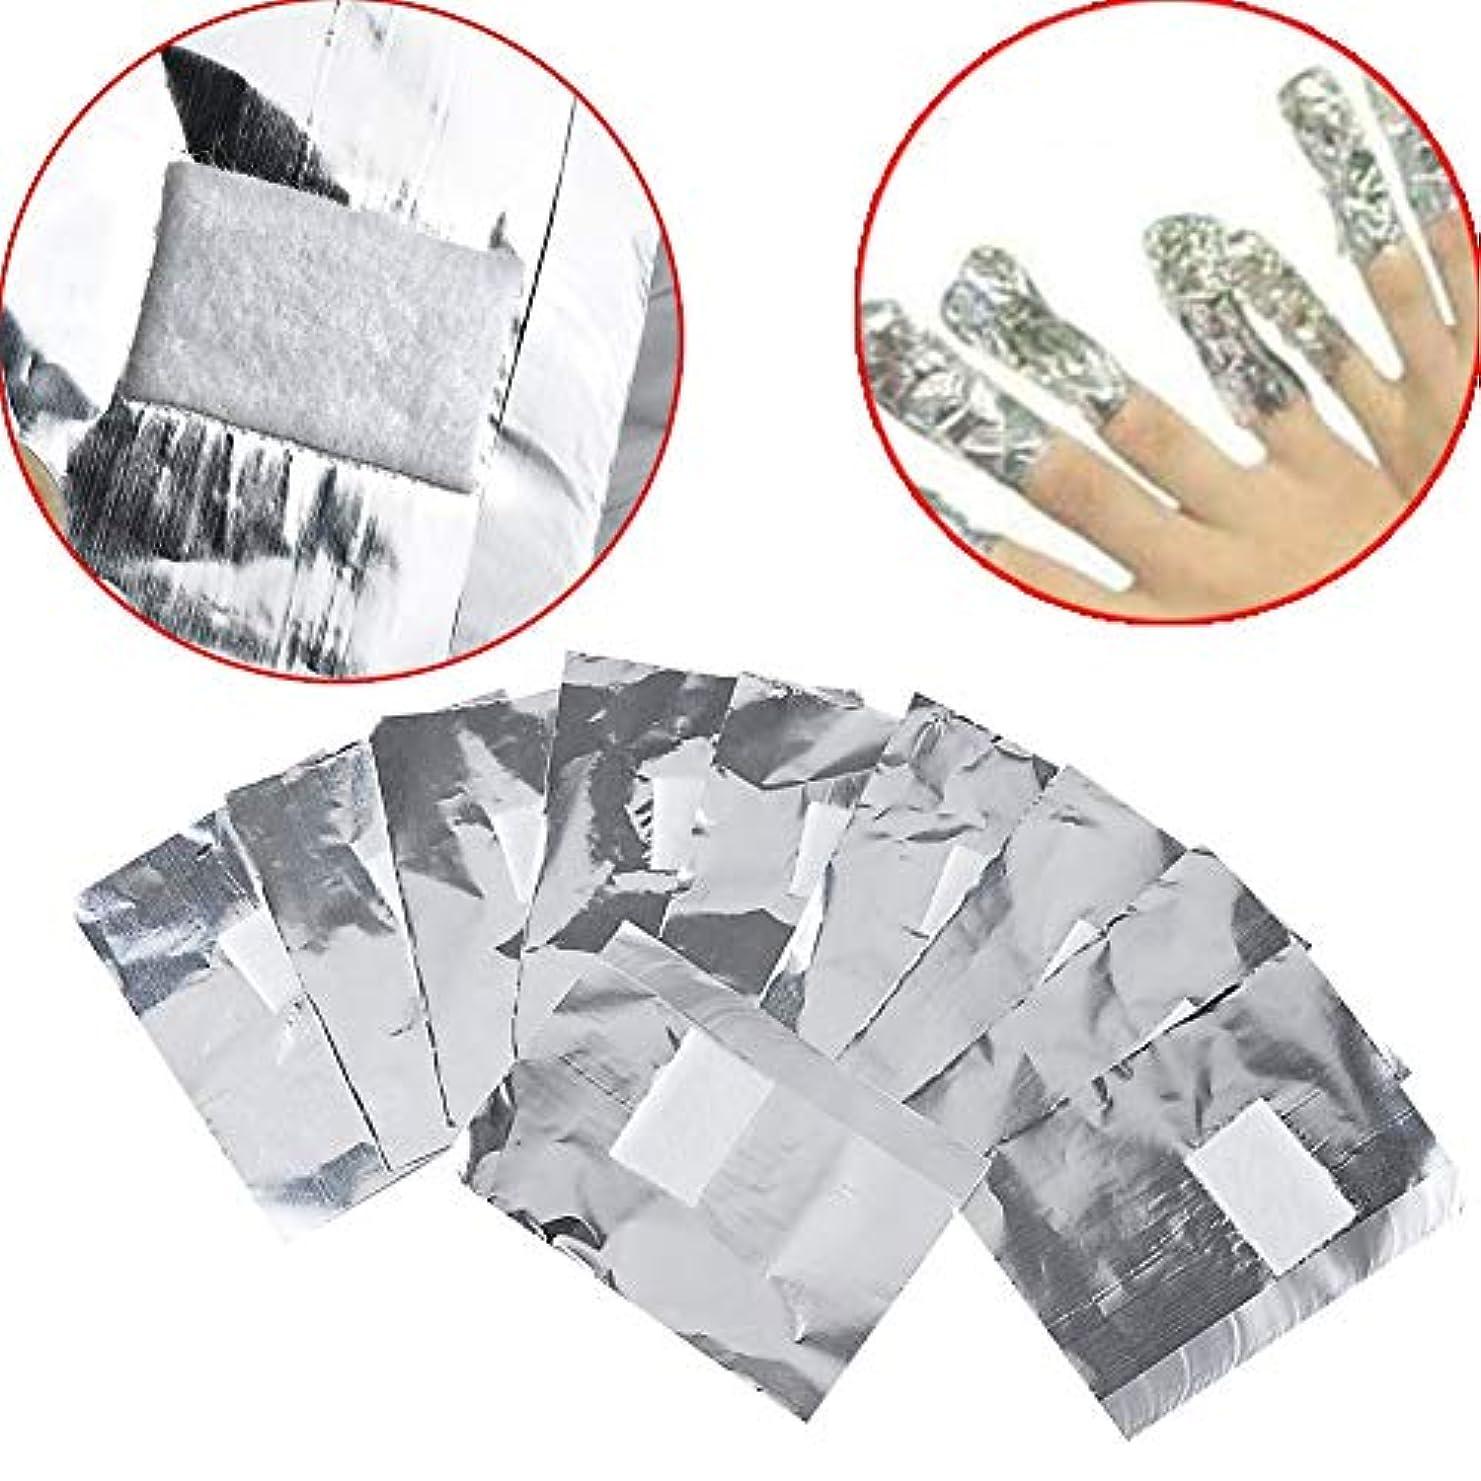 モール放棄ほぼアクリル UVジェル ネイルポリッシュをきれいにオフ コットン付きアルミホイル 素敵な在宅ゲル爪マニキュア用品200pcs